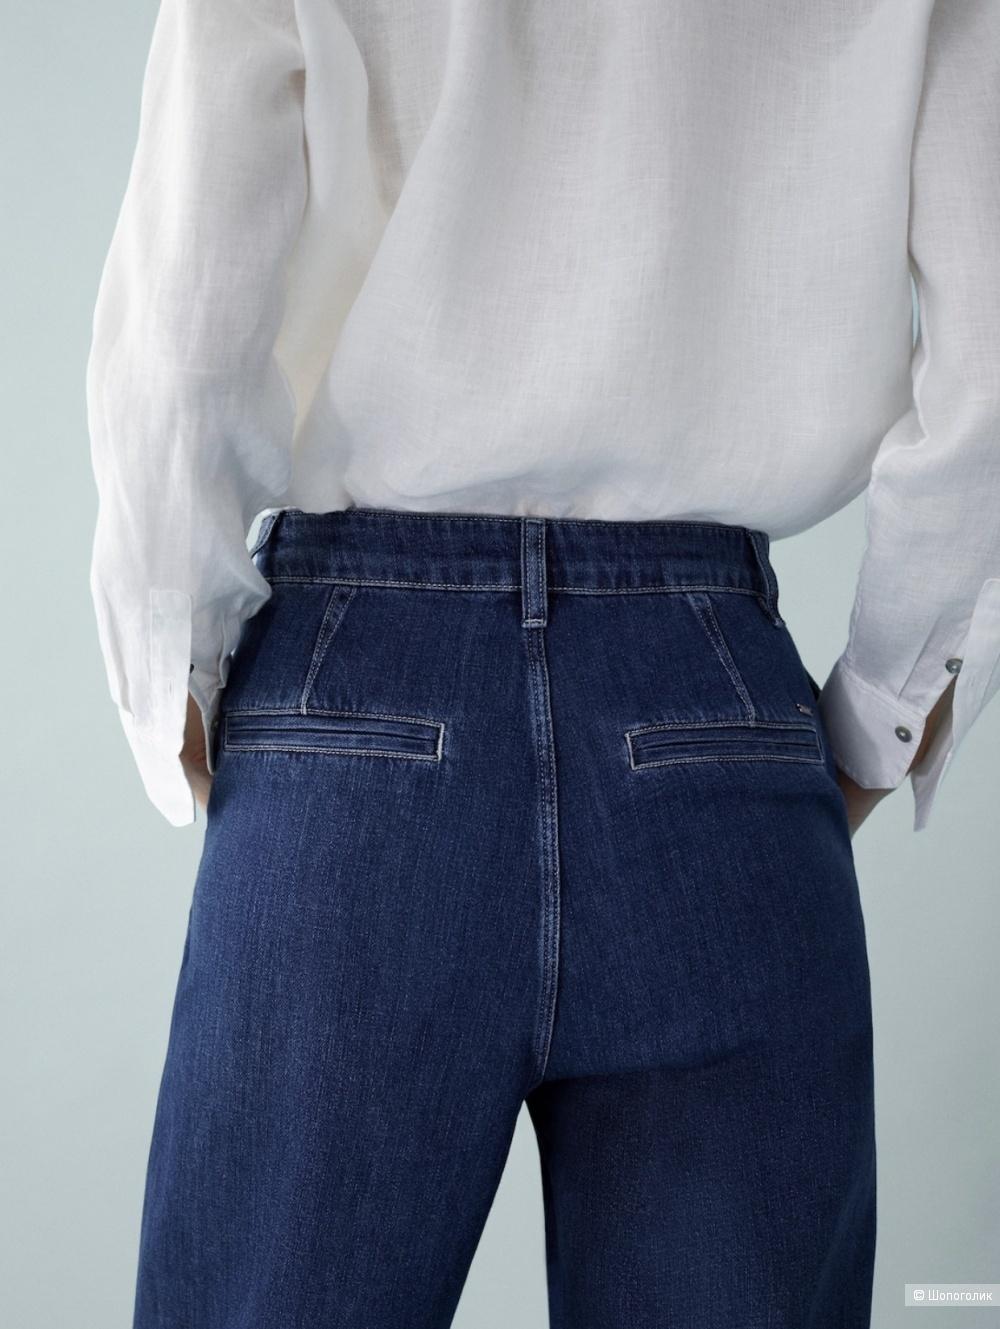 Джинсы Massimo Dutti,44-46 размер.